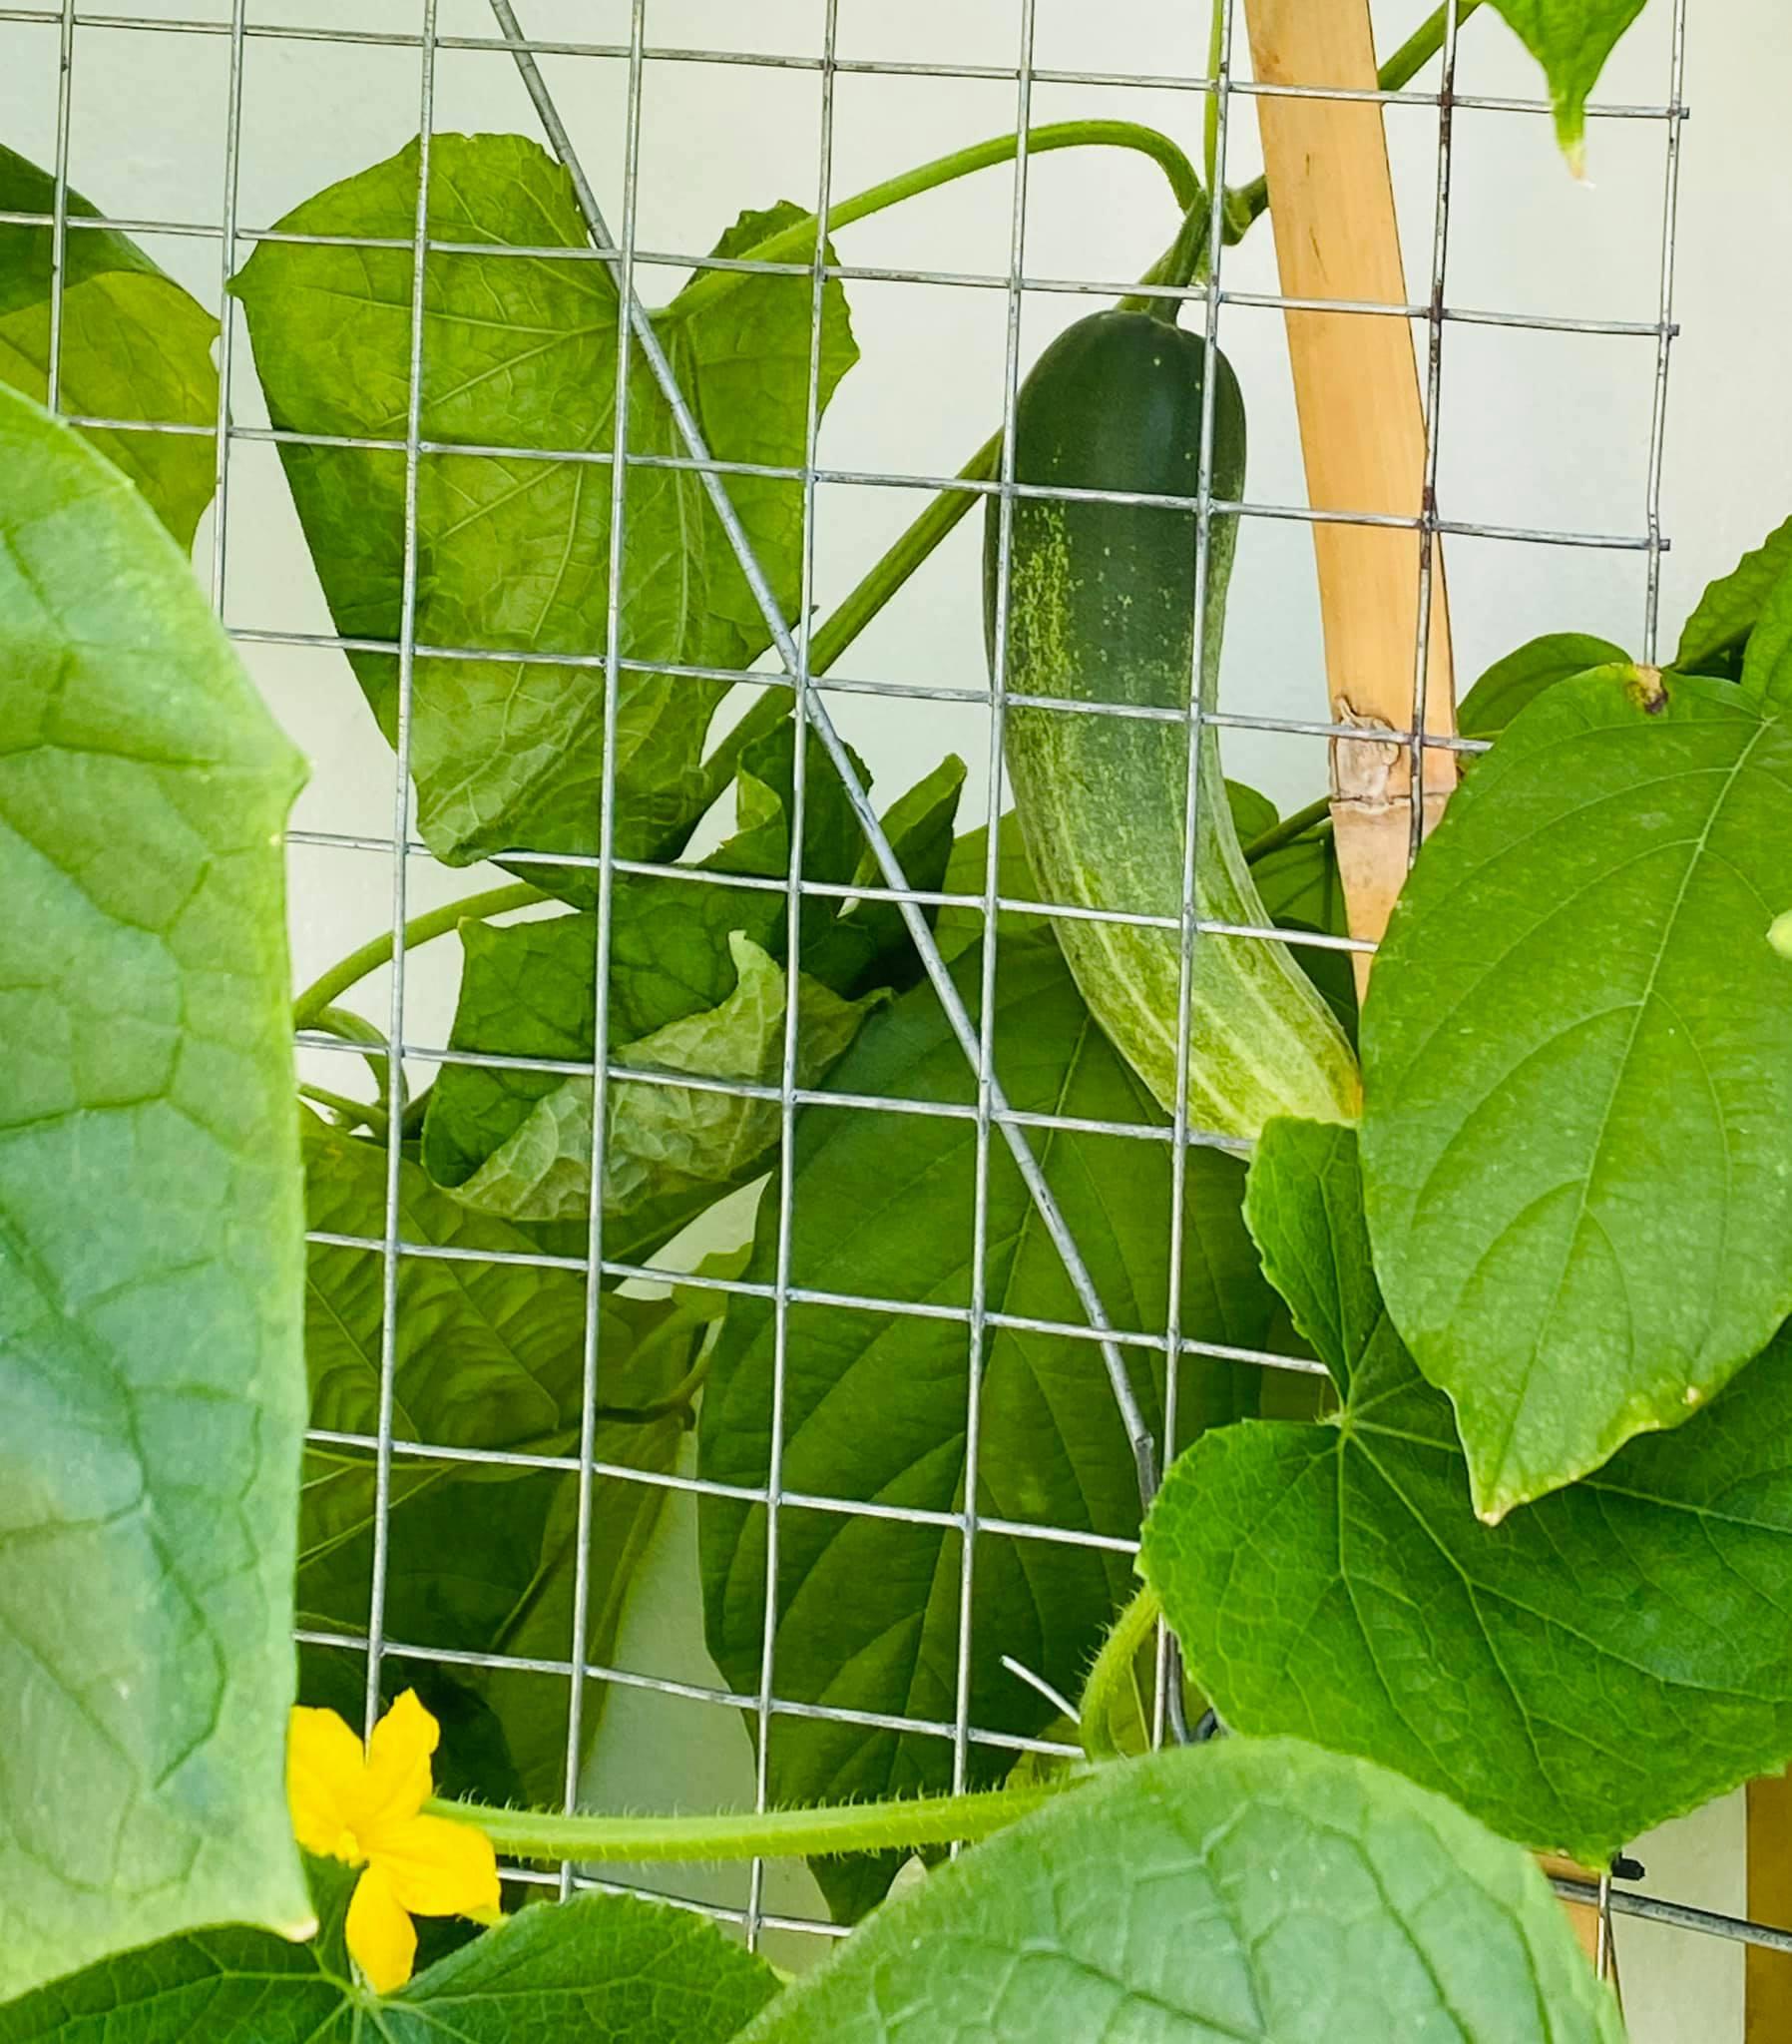 MC Đại Nghĩa thư giãn tinh thần bằng cách trồng rau và nấm sạch trên sân thượng nhà mình ở quận 7, TP HCM - Ảnh 5.